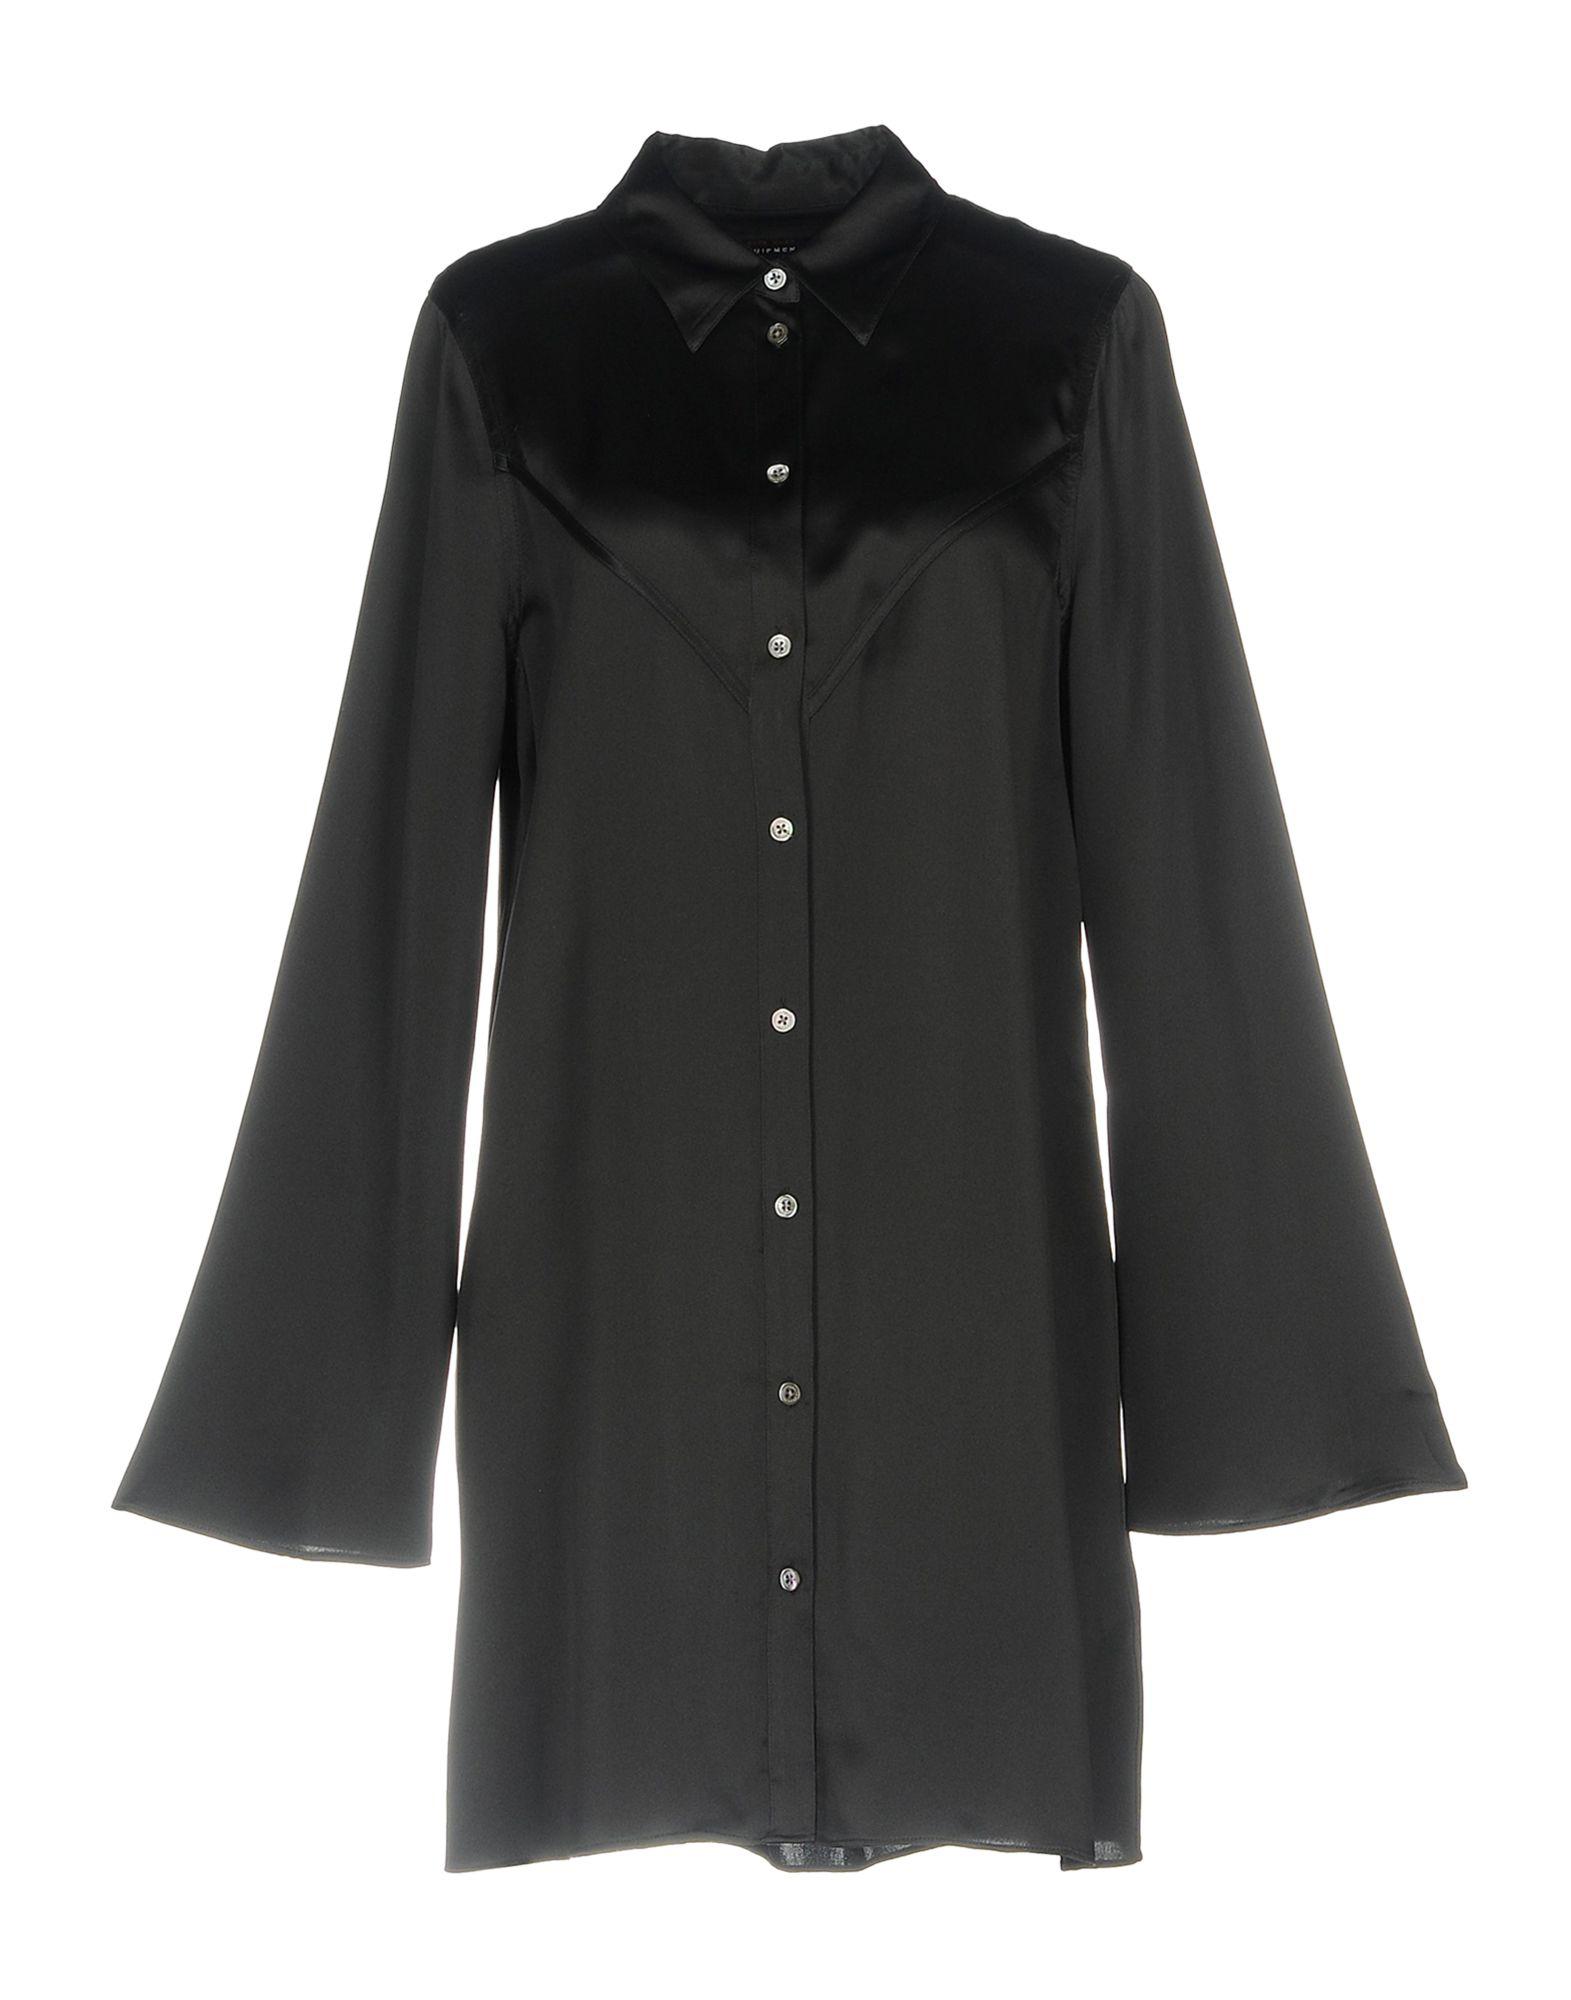 《送料無料》KATE MOSS EQUIPMENT レディース シャツ ブラック M シルク 100%